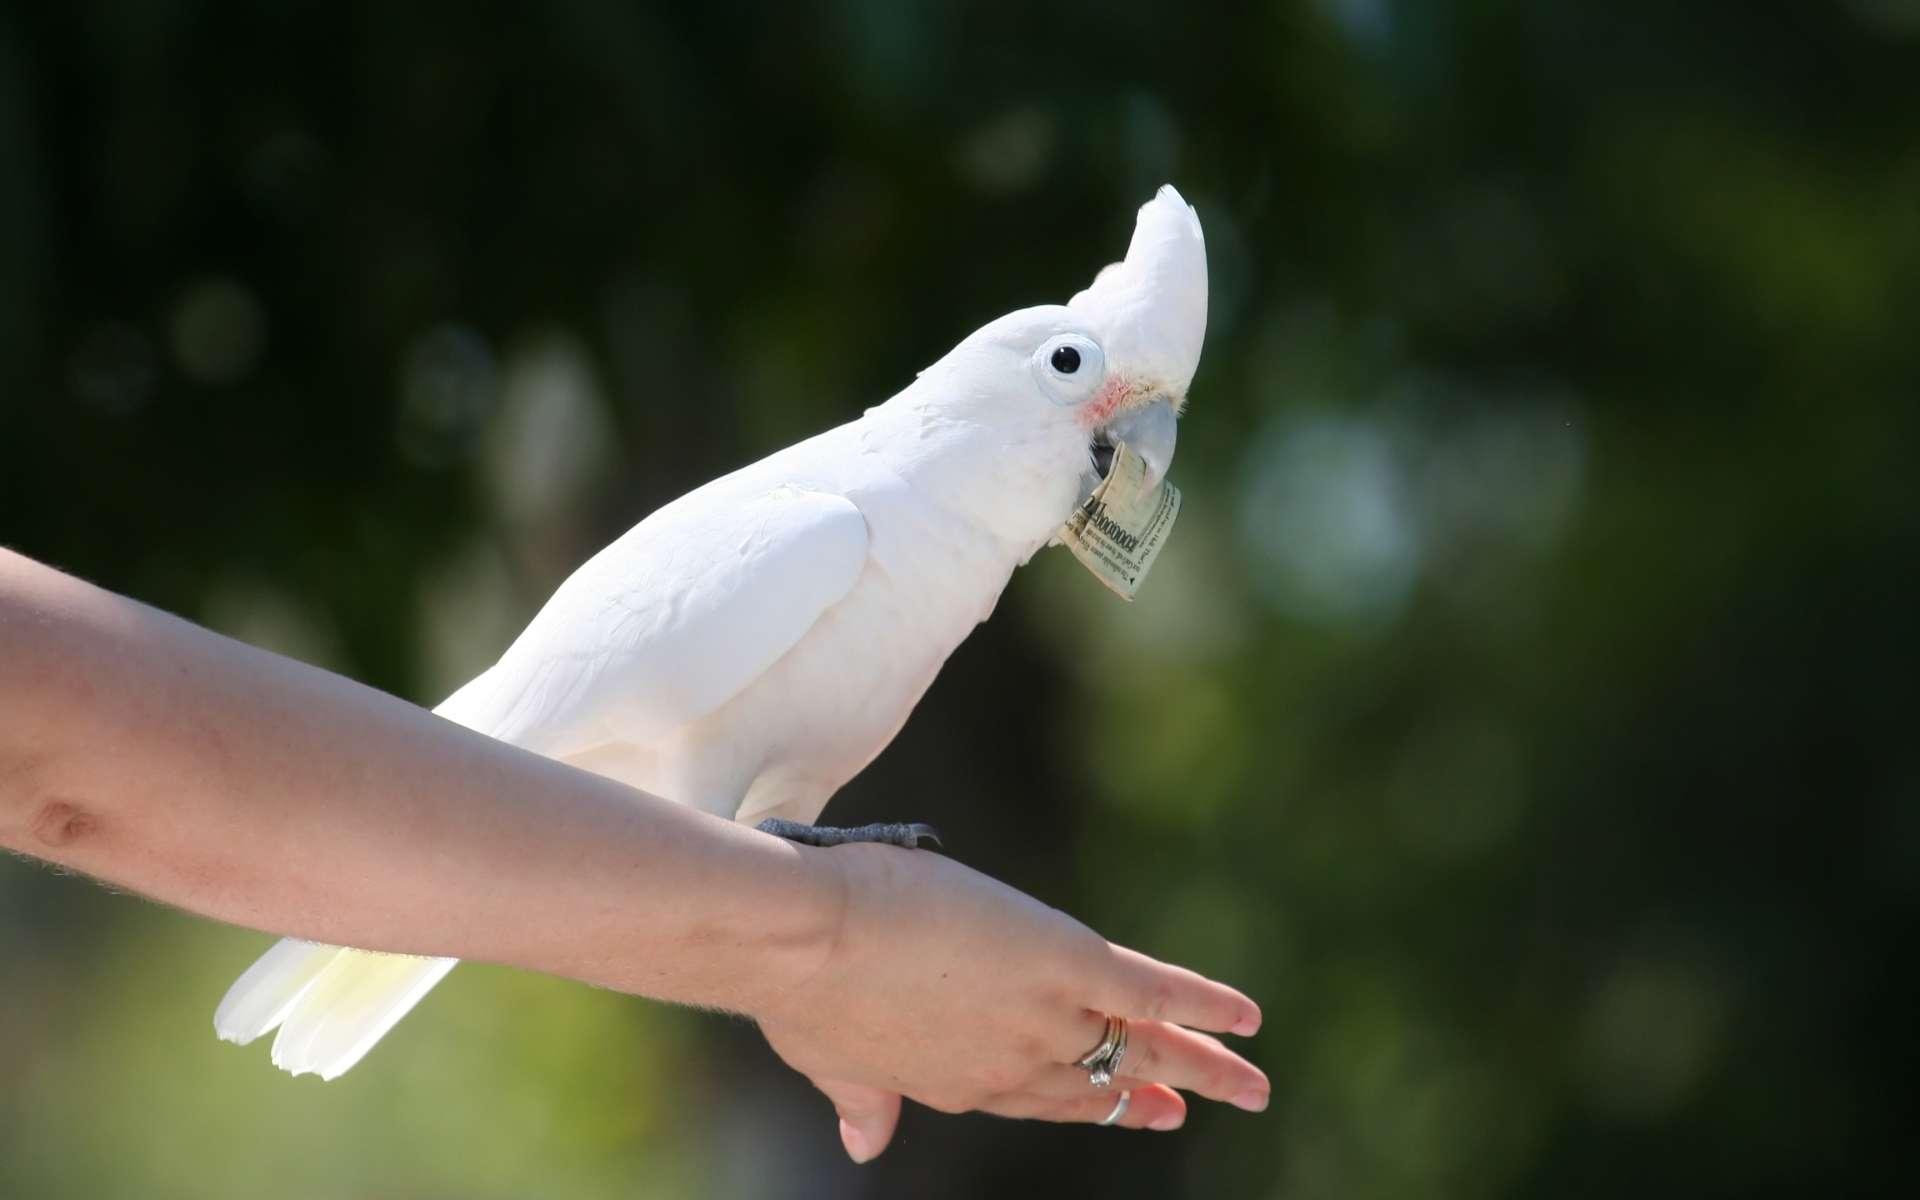 Des scientifiques viennent de montrer comment un perroquet, le cacatoès de Goffin, sait manipuler des outils et réfléchir avant d'agir. Ici, un individu captivité. © Xavier Marchant, Shutterstock